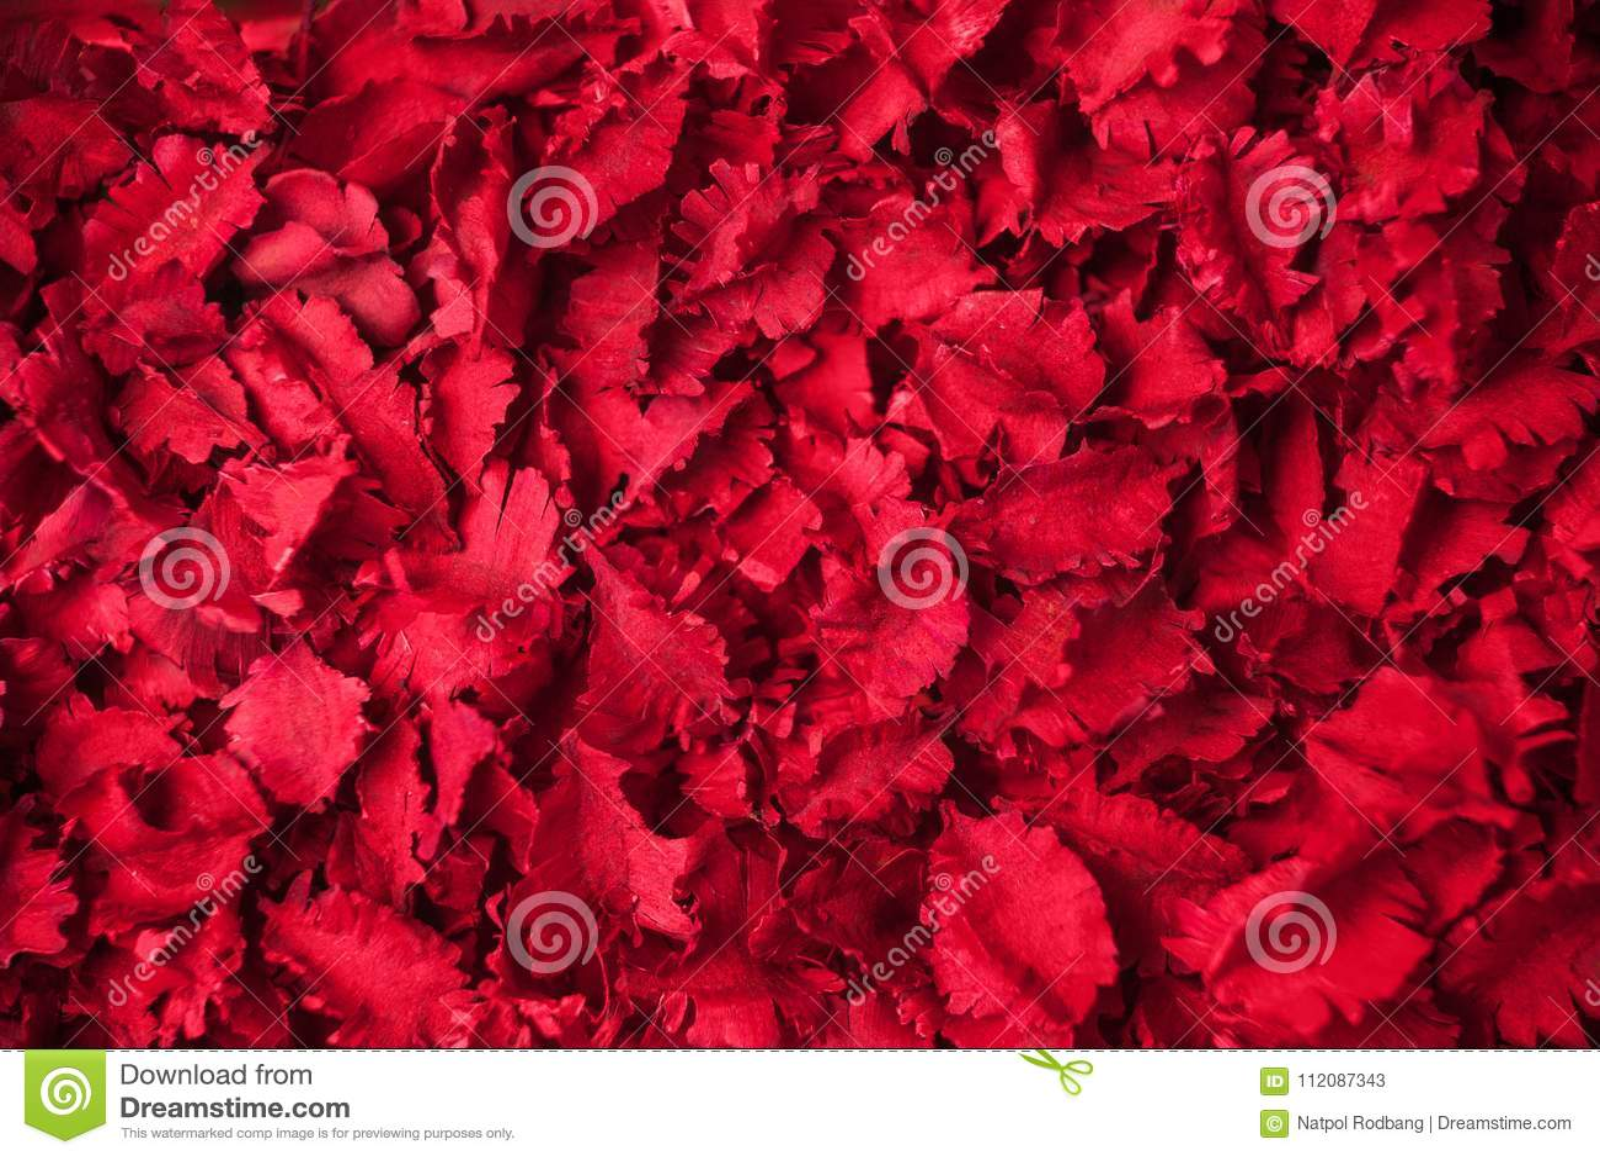 De rode droge achtergrond van het bloemen aromatherapy welriekend mengsel van gedroogde bloemen en kruiden